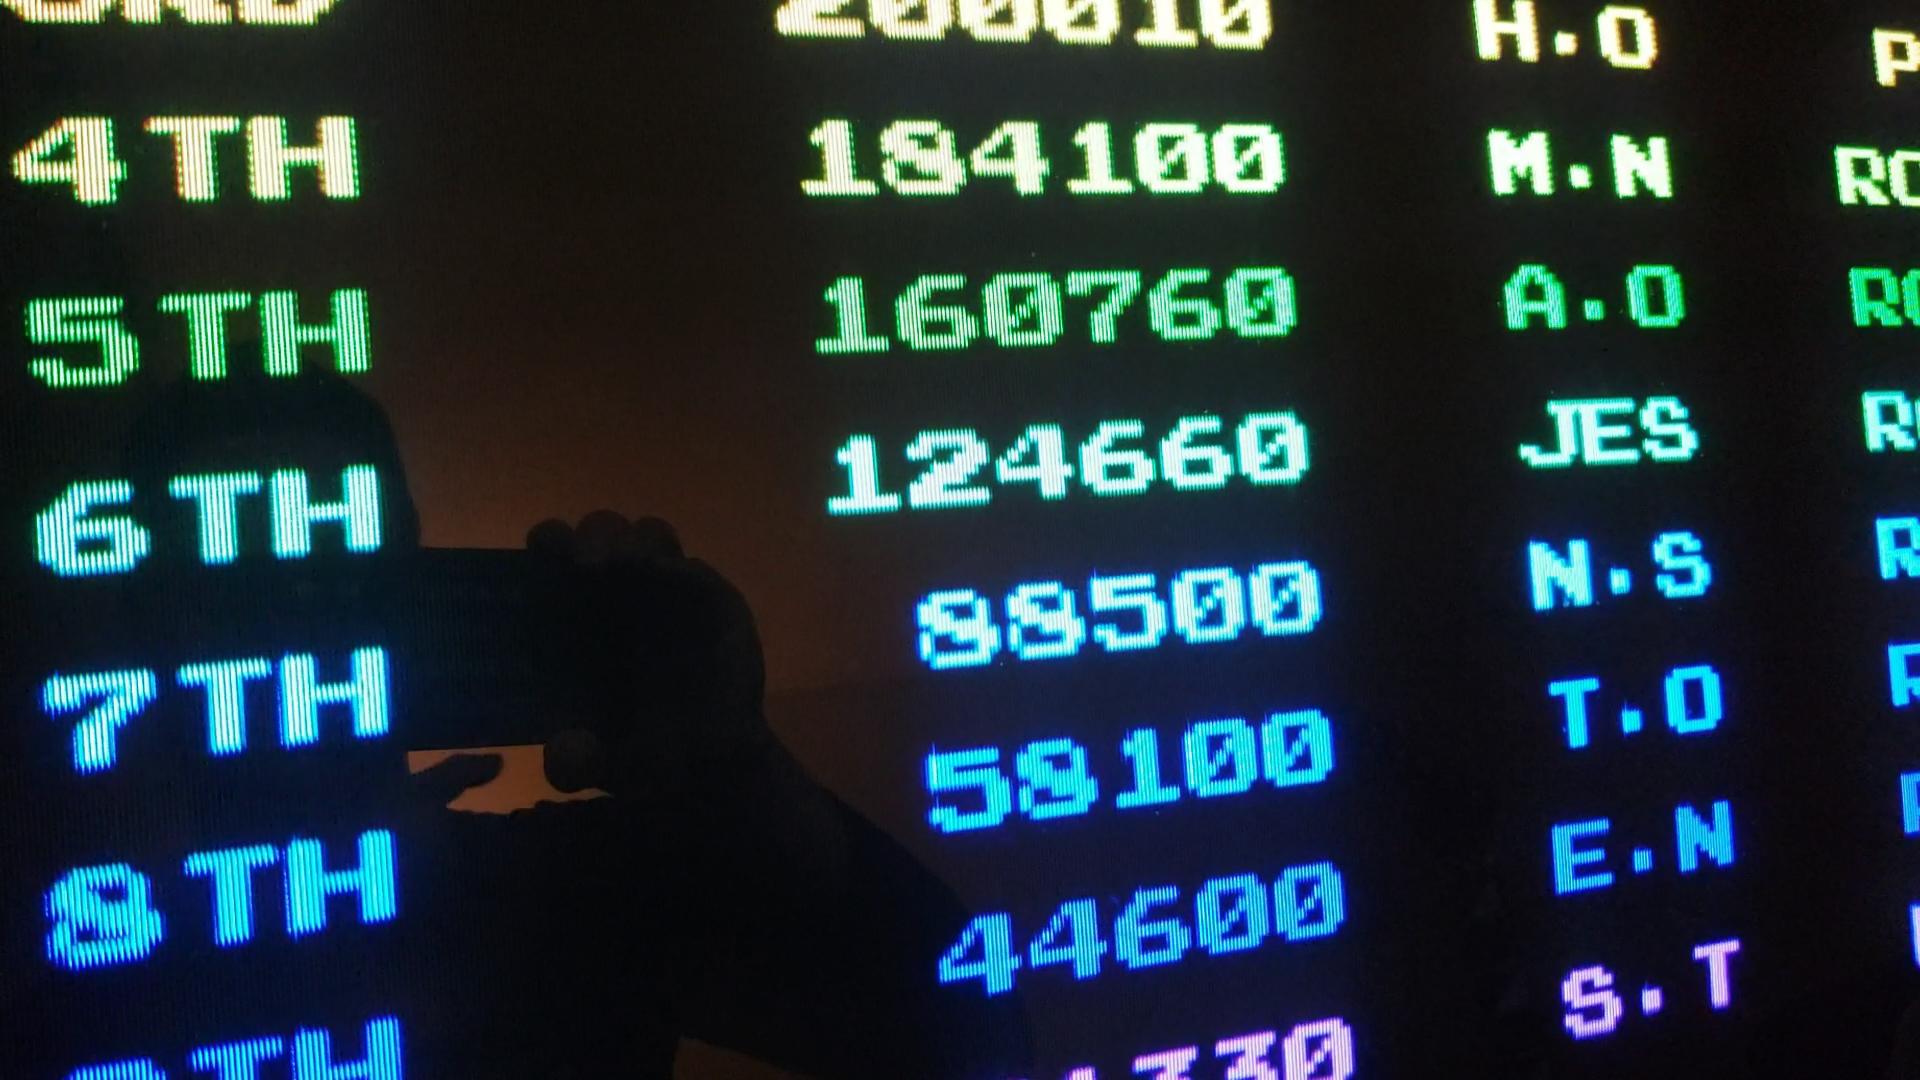 JES: Combat School [combatsc] (Arcade Emulated / M.A.M.E.) 124,660 points on 2020-08-07 01:59:04